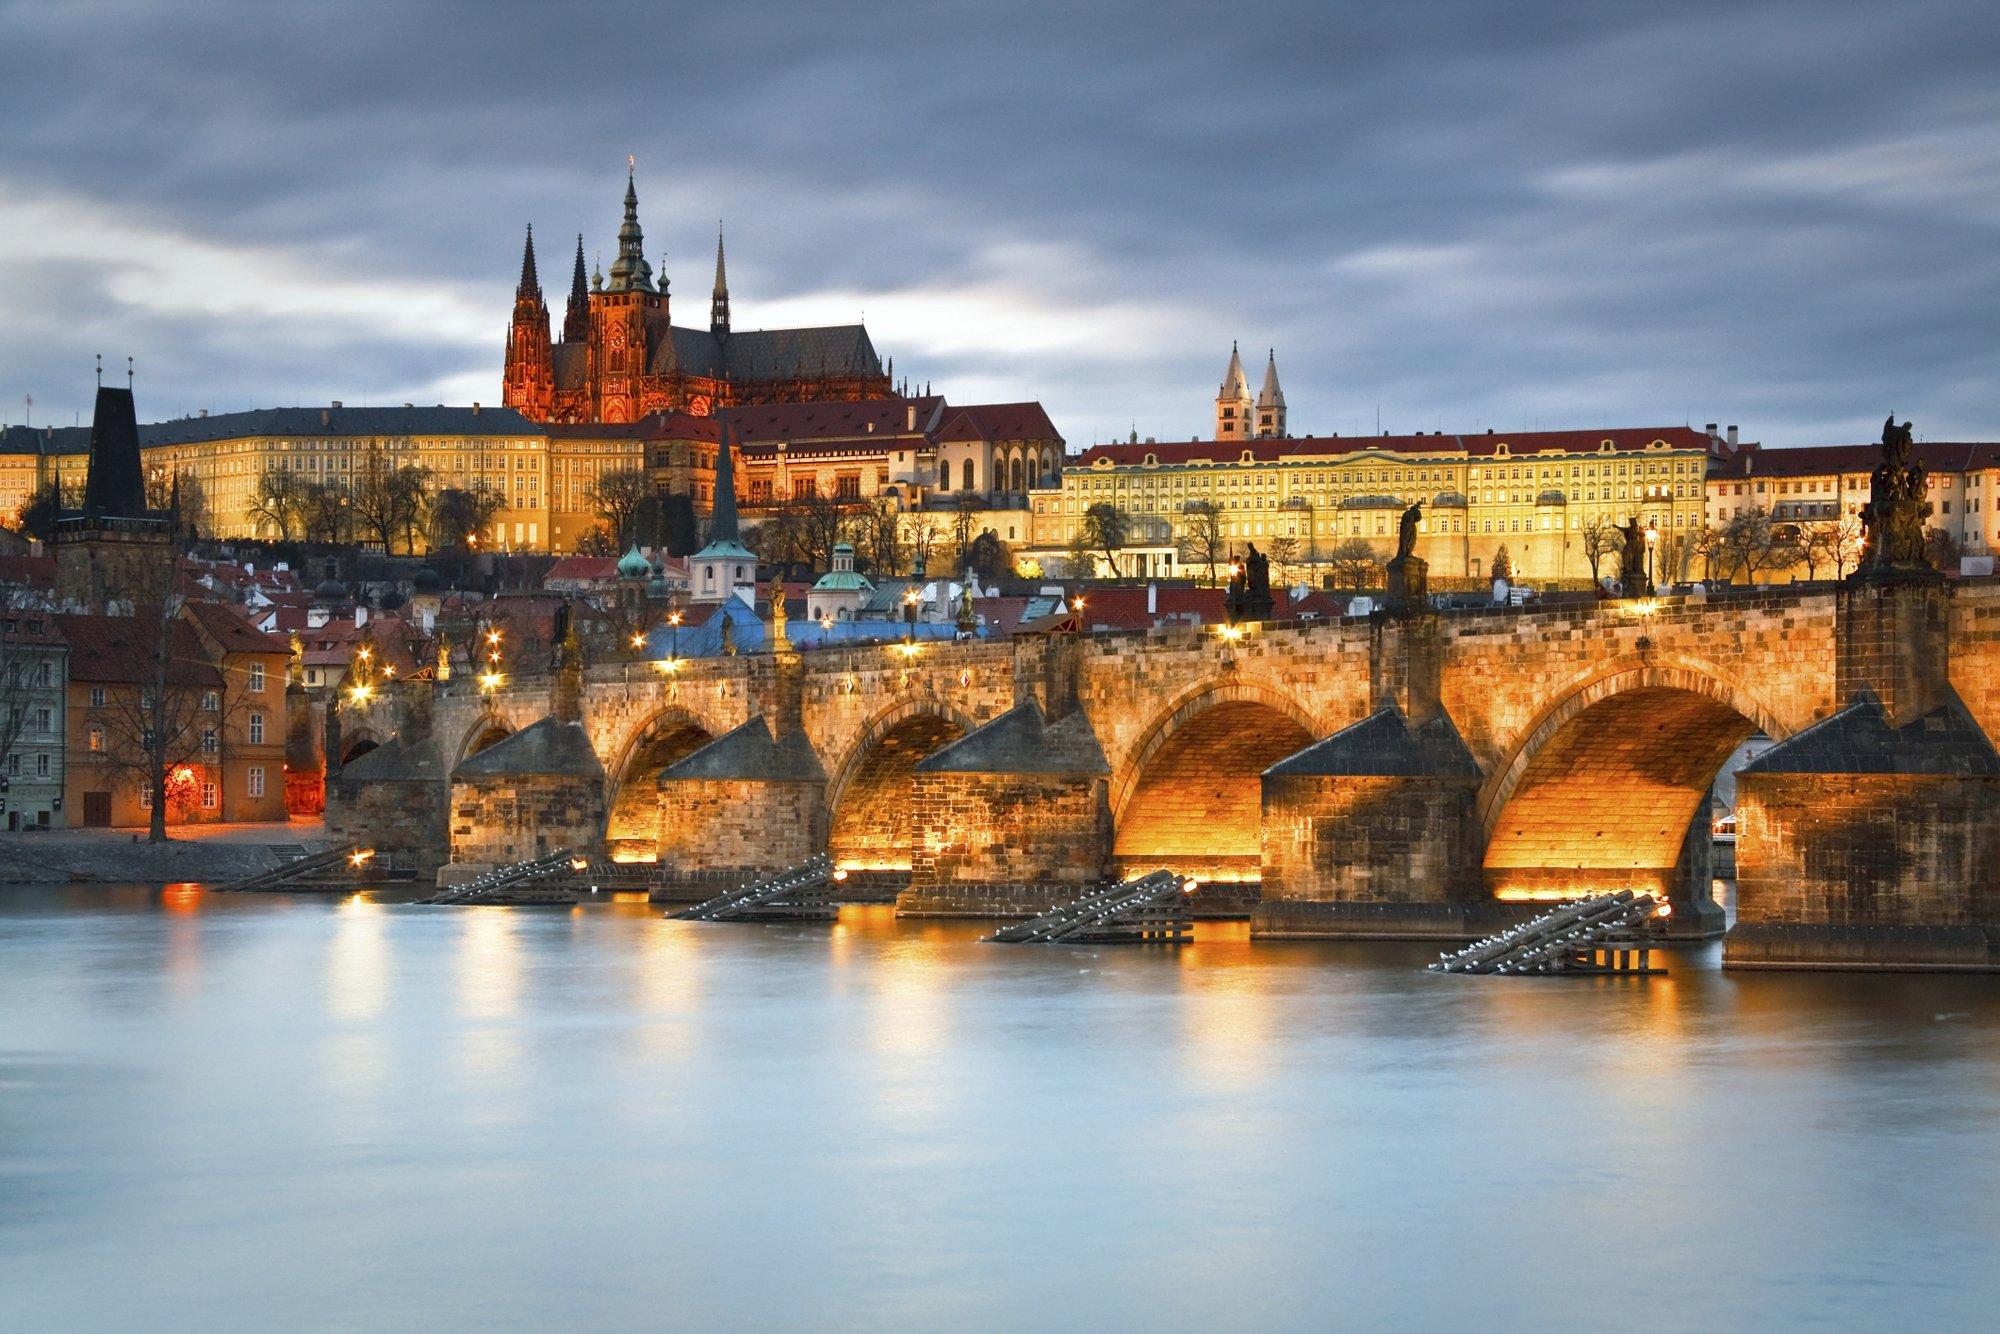 Купить замок в чехии